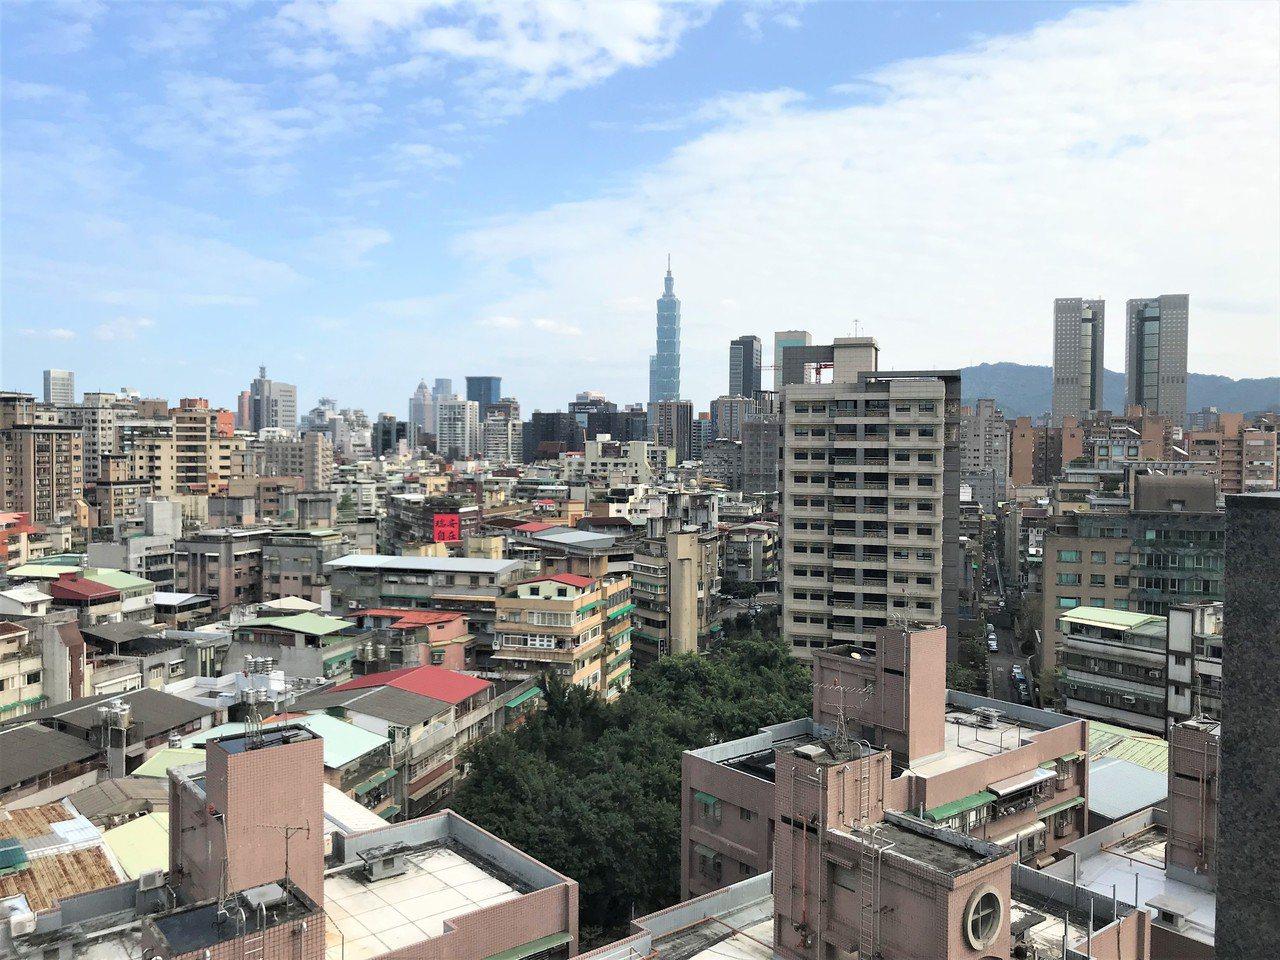 市調顯示,大台北近三年房市以樹林區最強,房價不跌反漲,其次為林口、深坑、新店及文...